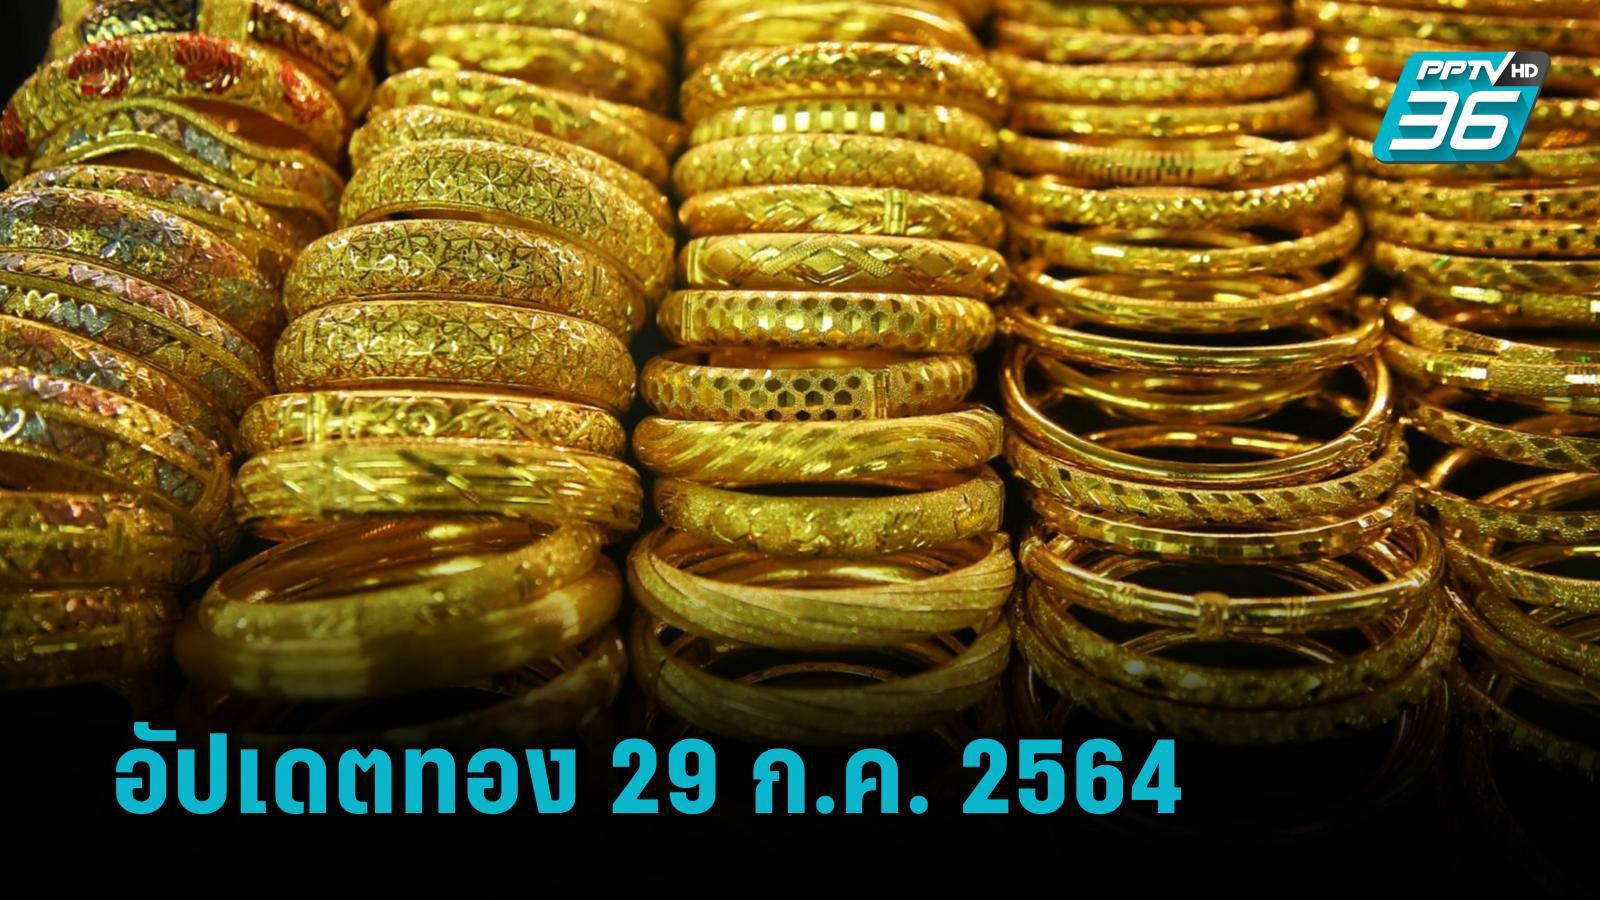 ราคาทองวันนี้ – 29 ก.ค. 64 ปรับราคา 4 ครั้ง รวมบวกจากเมื่อวาน 250 บาท